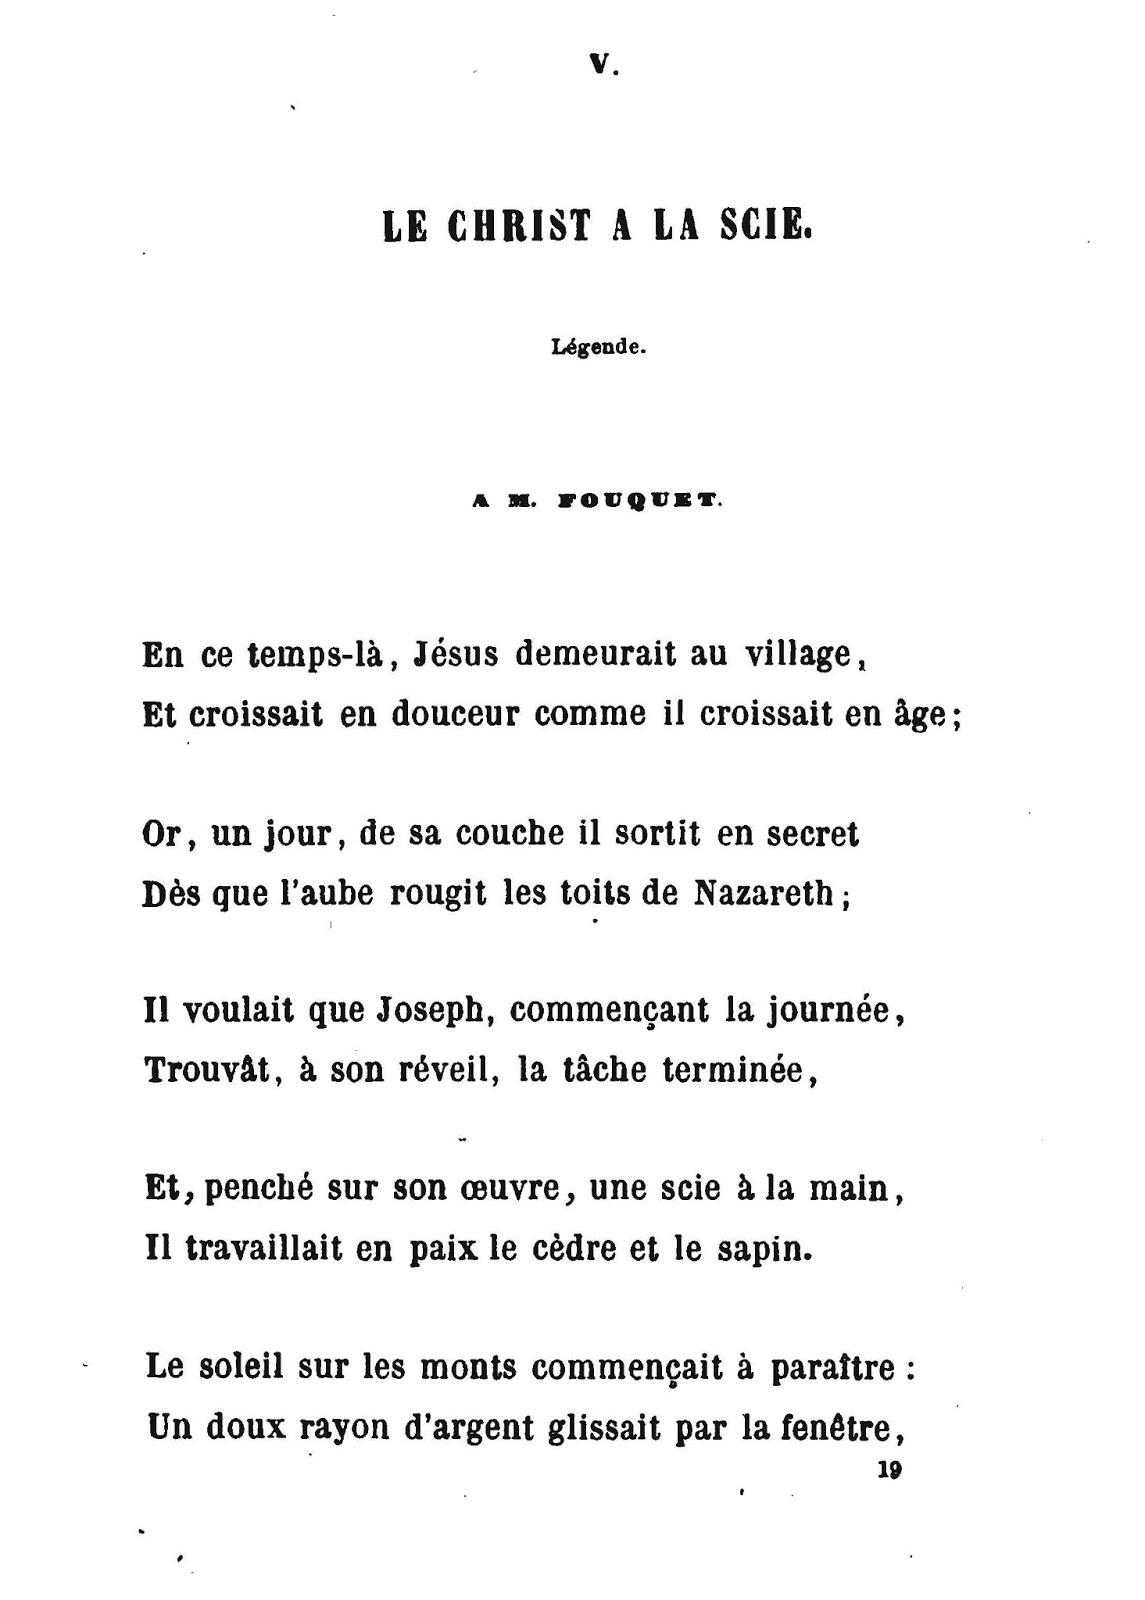 poésie 12 vers